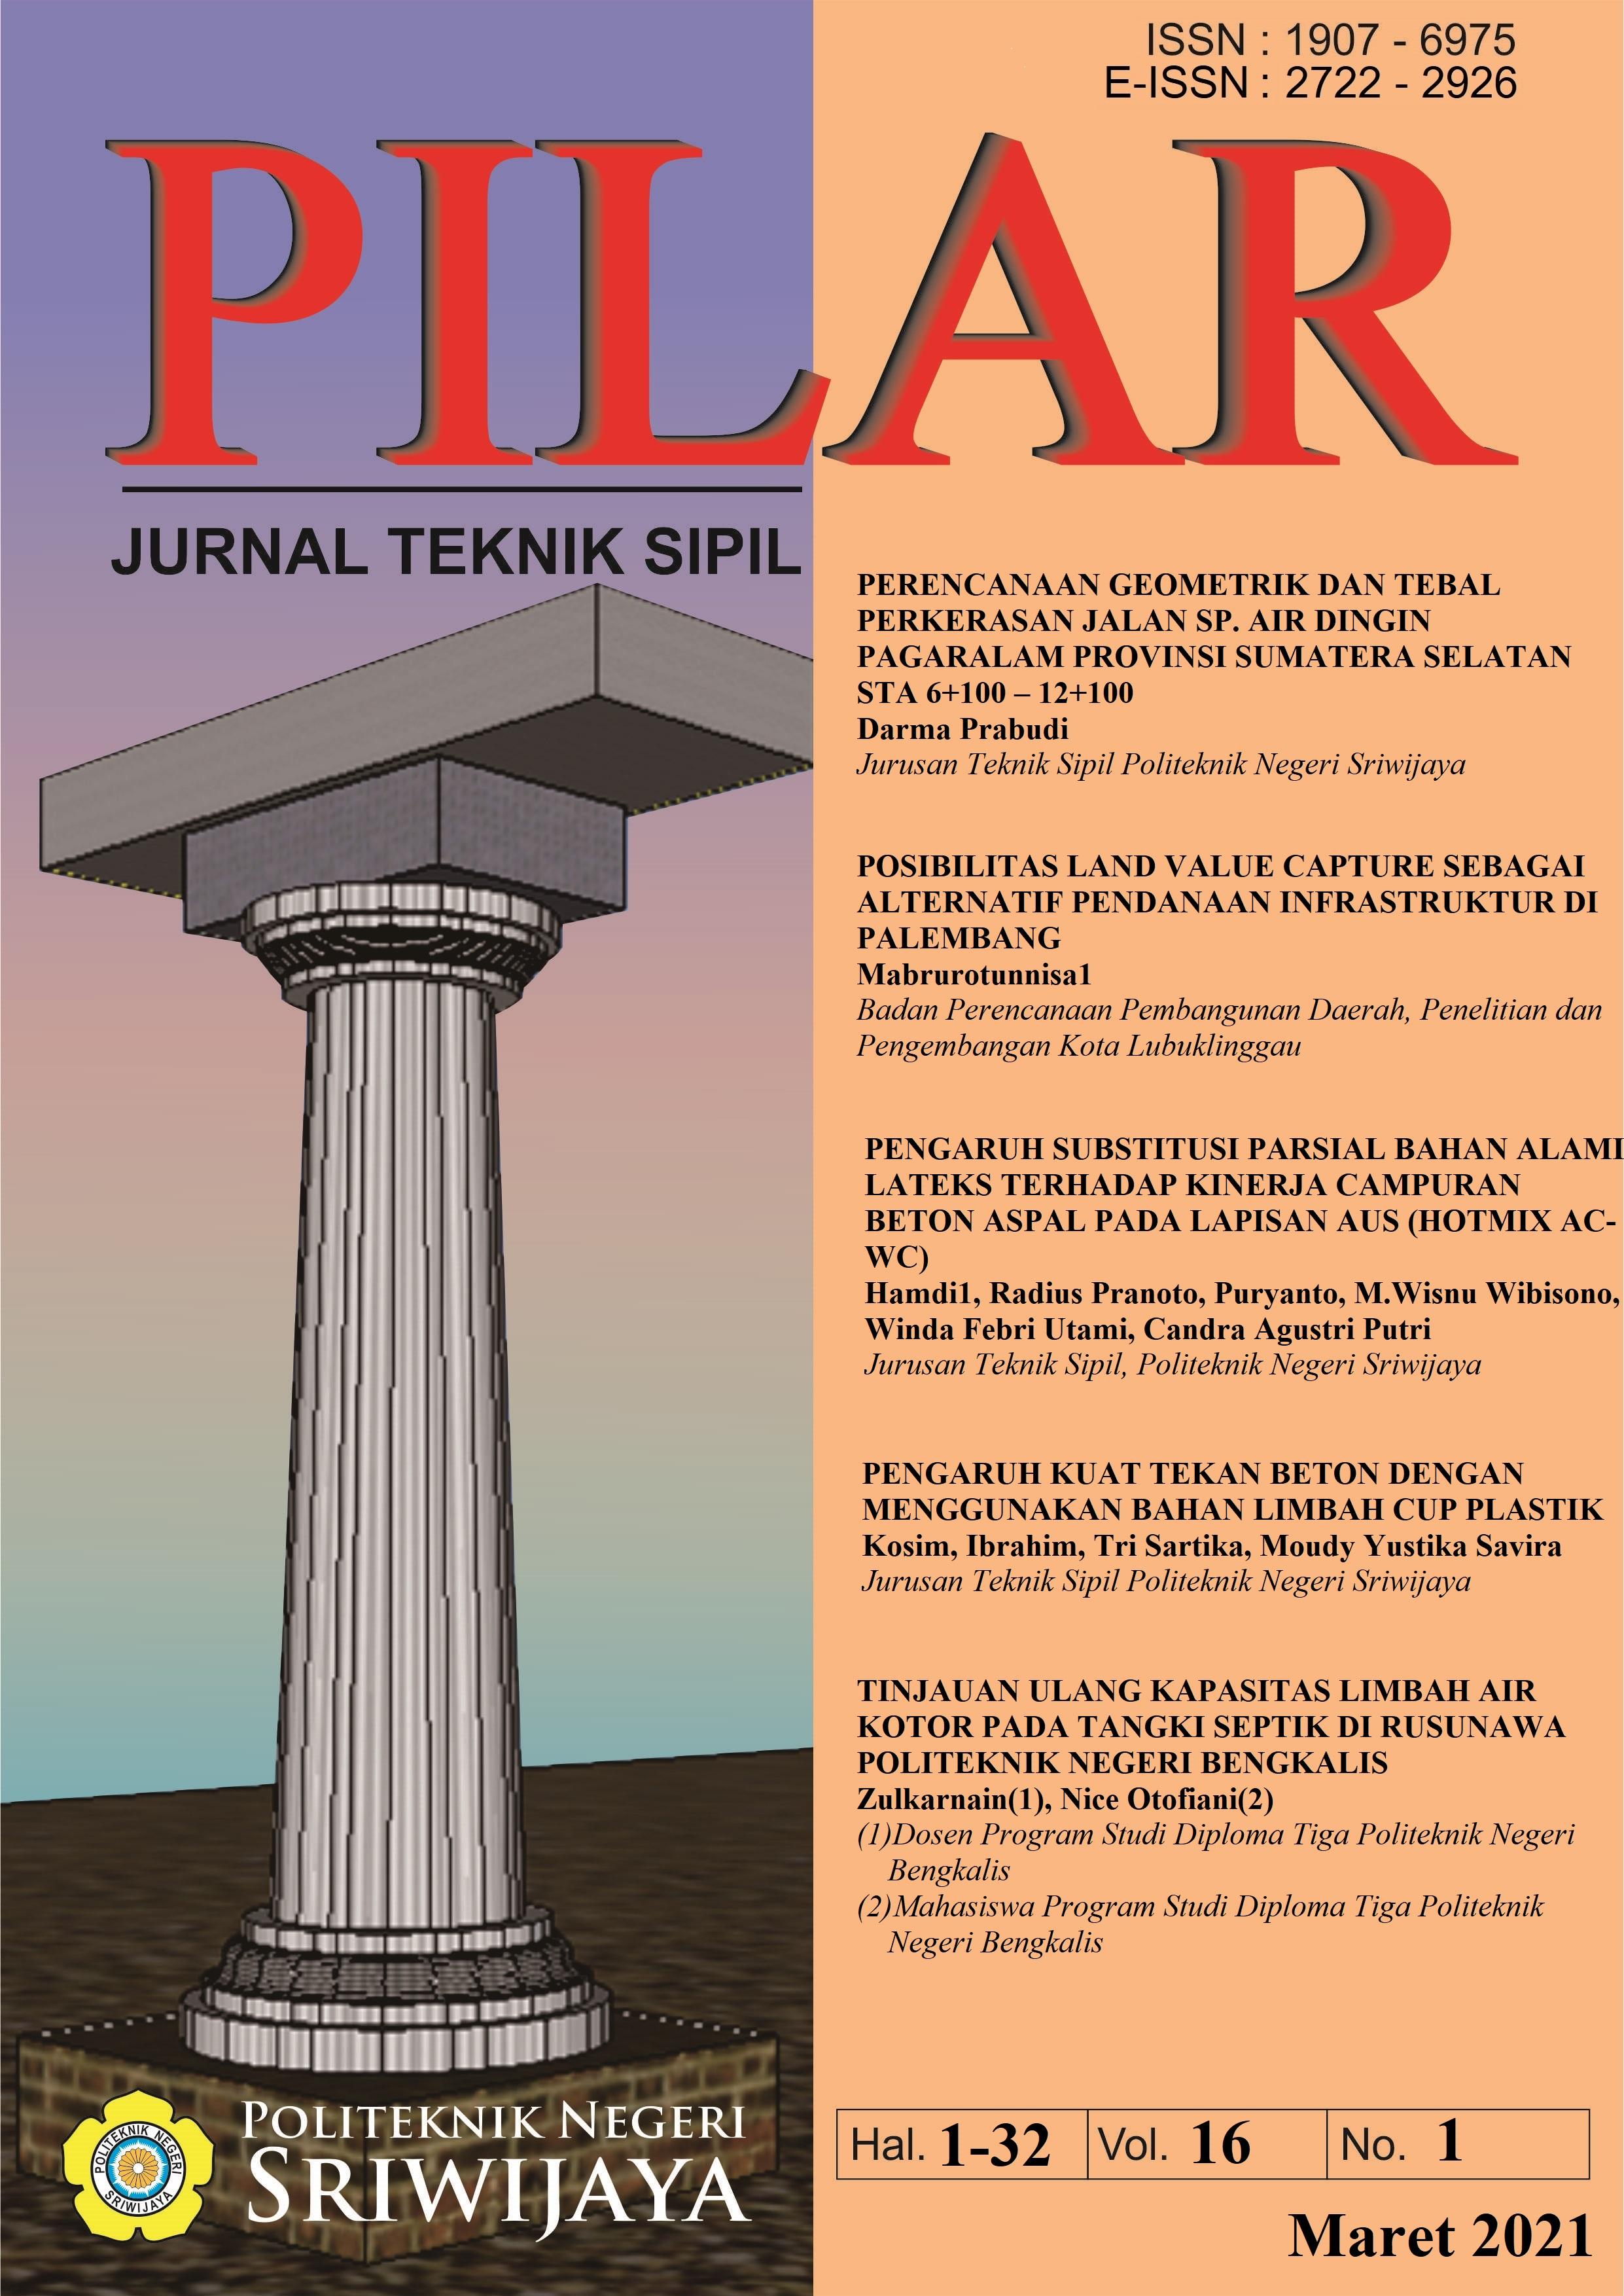 View Vol. 16 No. 1 (2021): Pilar: Maret 2021